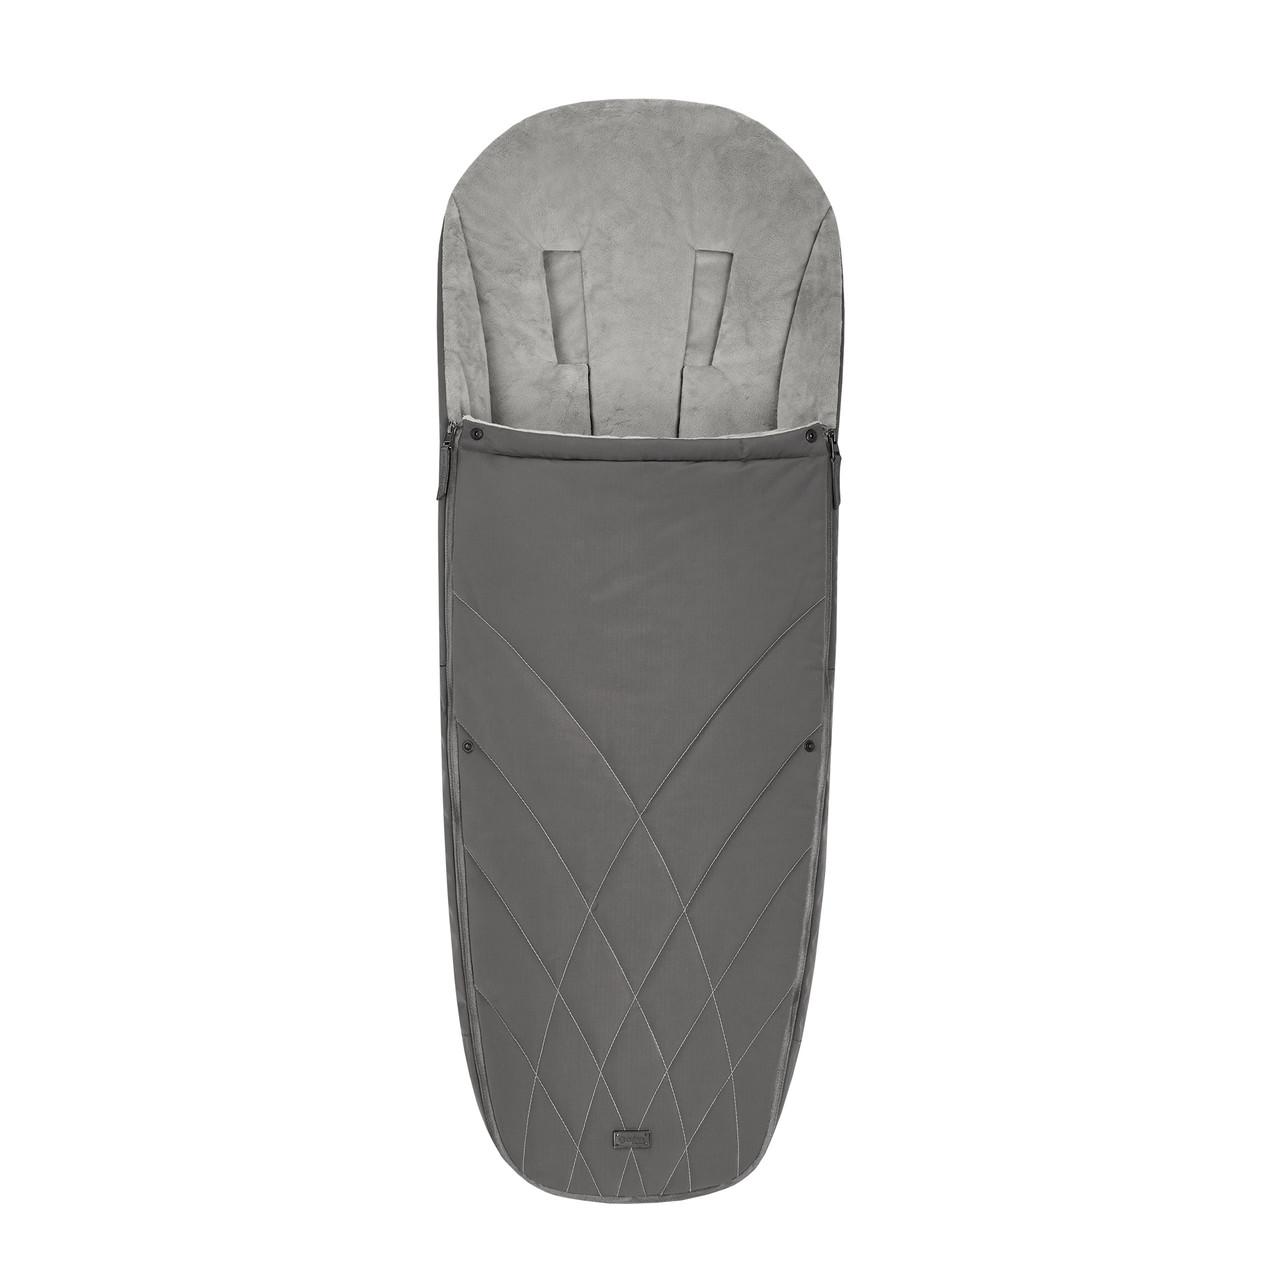 Чехол для ног Platinum/Soho Grey mid grey Cybex